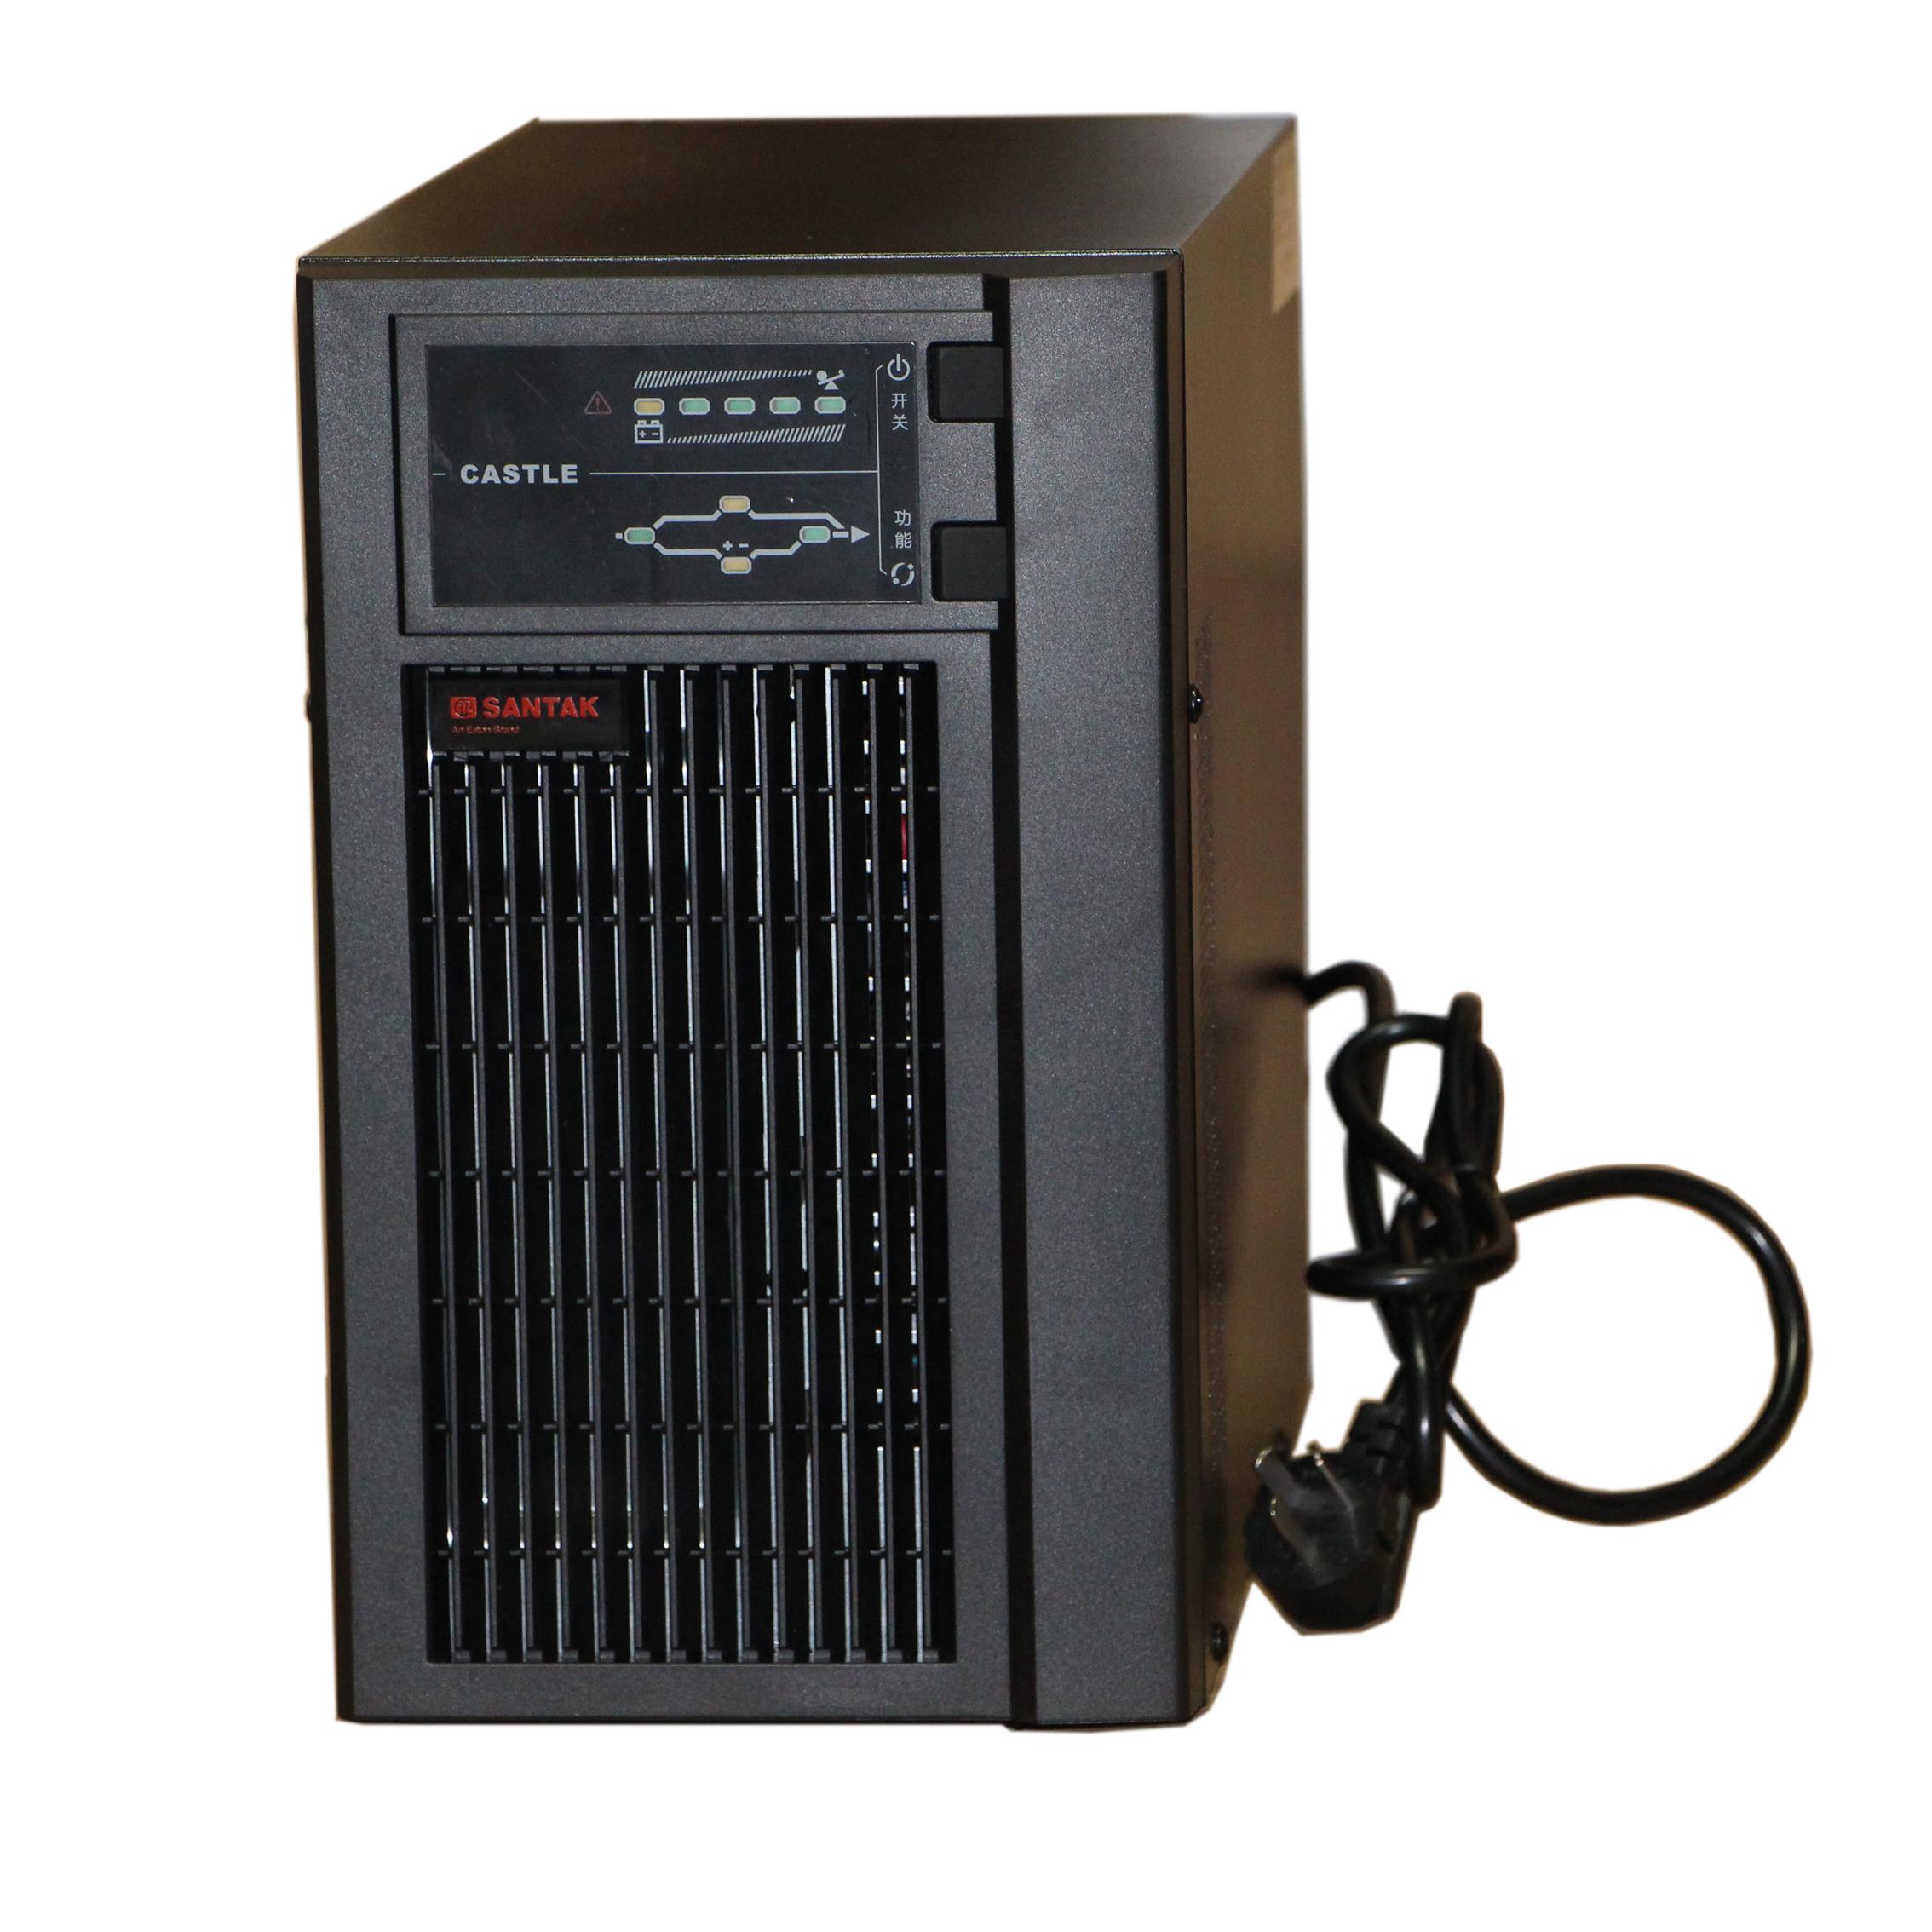 非常にくUPS絶えず調整電源2KVA予備遅延に時間C2KSホスト65AH電池ろくだけ